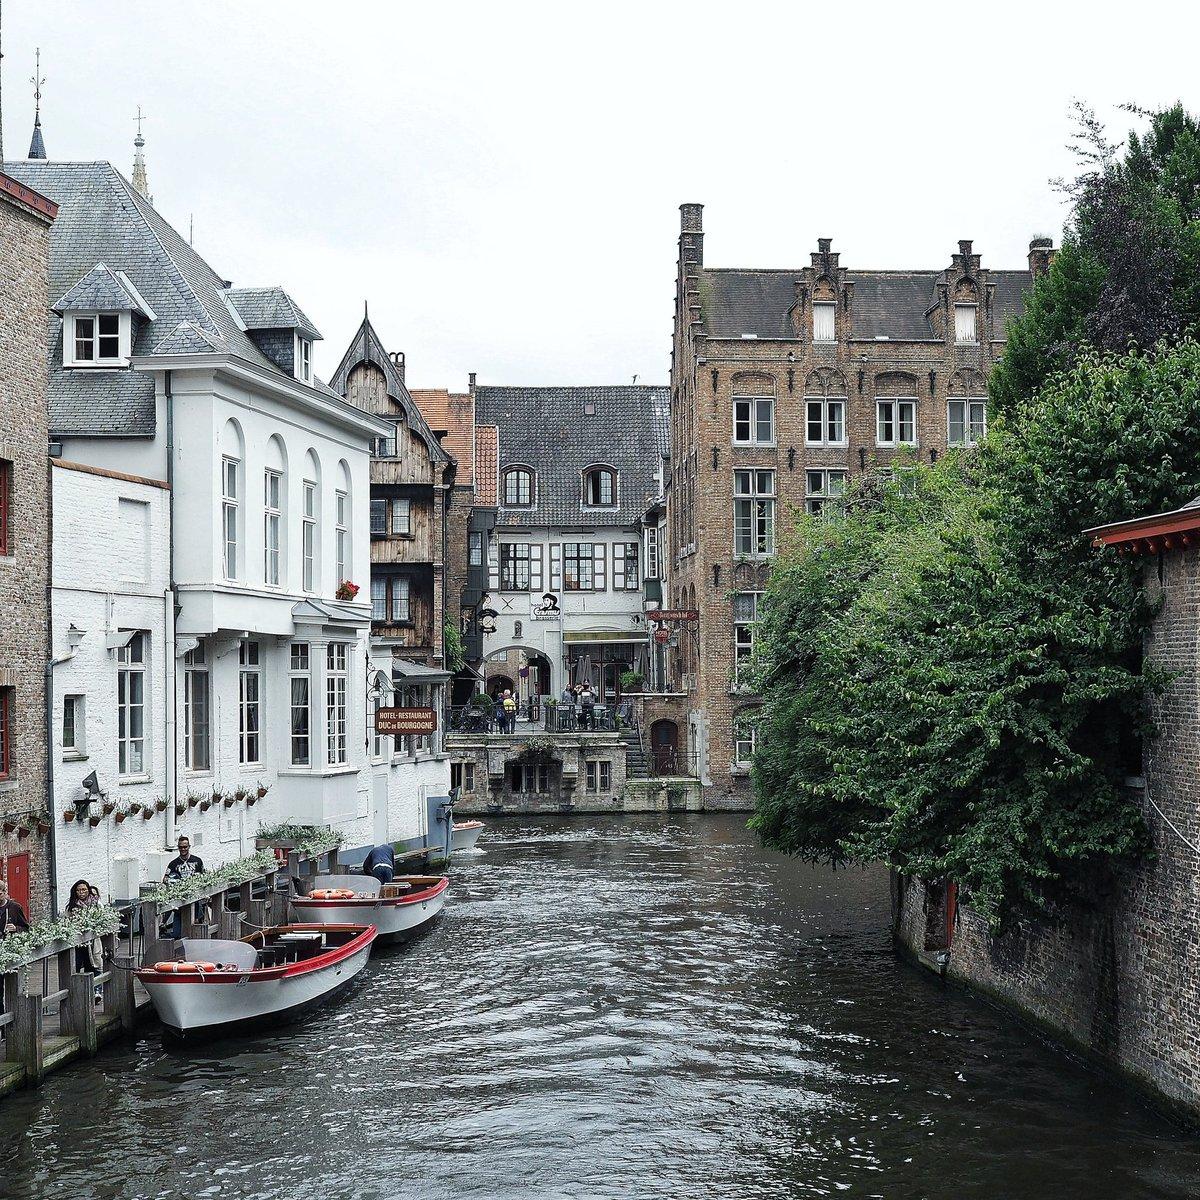 Lovely #brugge  @VisitBruges @brugge @visitflanders @belgiumbe @tourismebelge @FlandresTV @OlympusFRA @getolympus #bruges #belgique <br>http://pic.twitter.com/AdNQvPhKk9